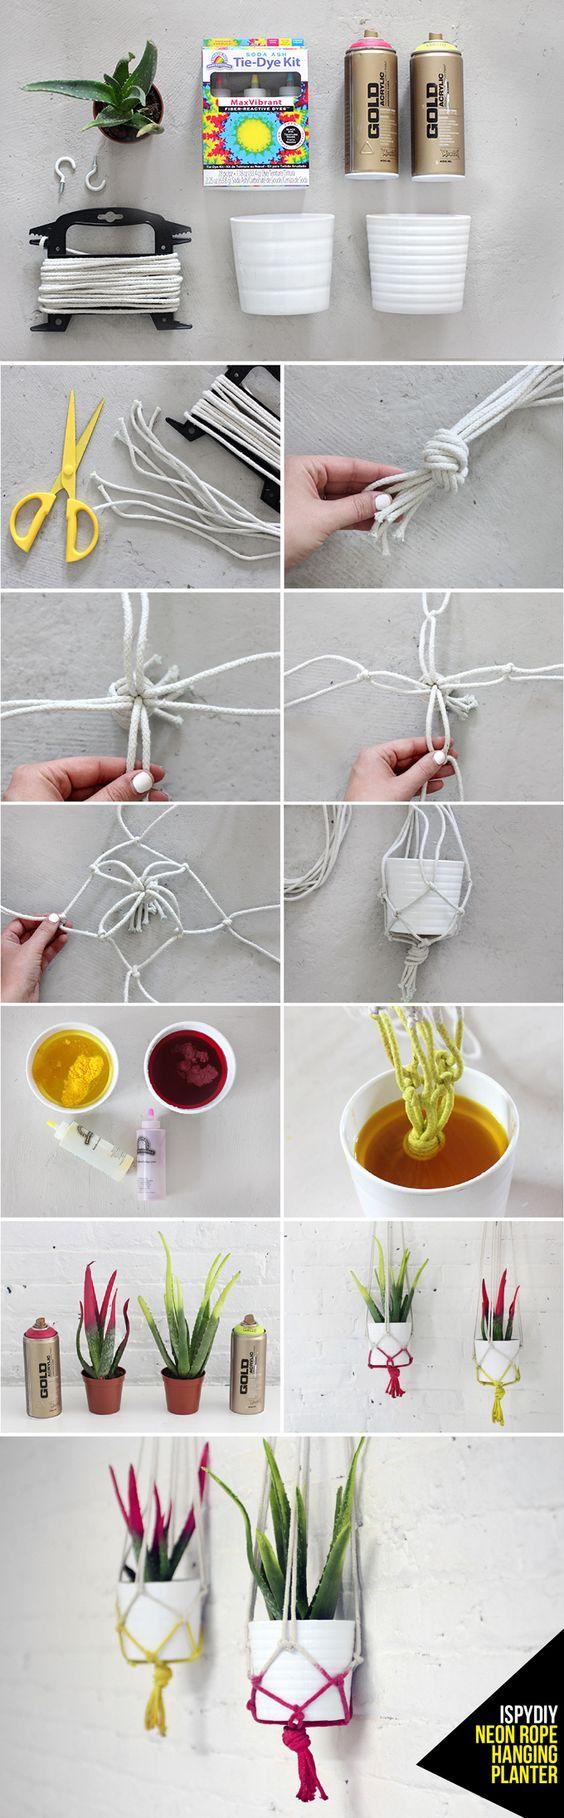 Renueva tus plantas de exterior con este moderno macetero-colgador.  Más información aquí: http://ispydiy.com/my-diy-neon-rope-hanging-planter/